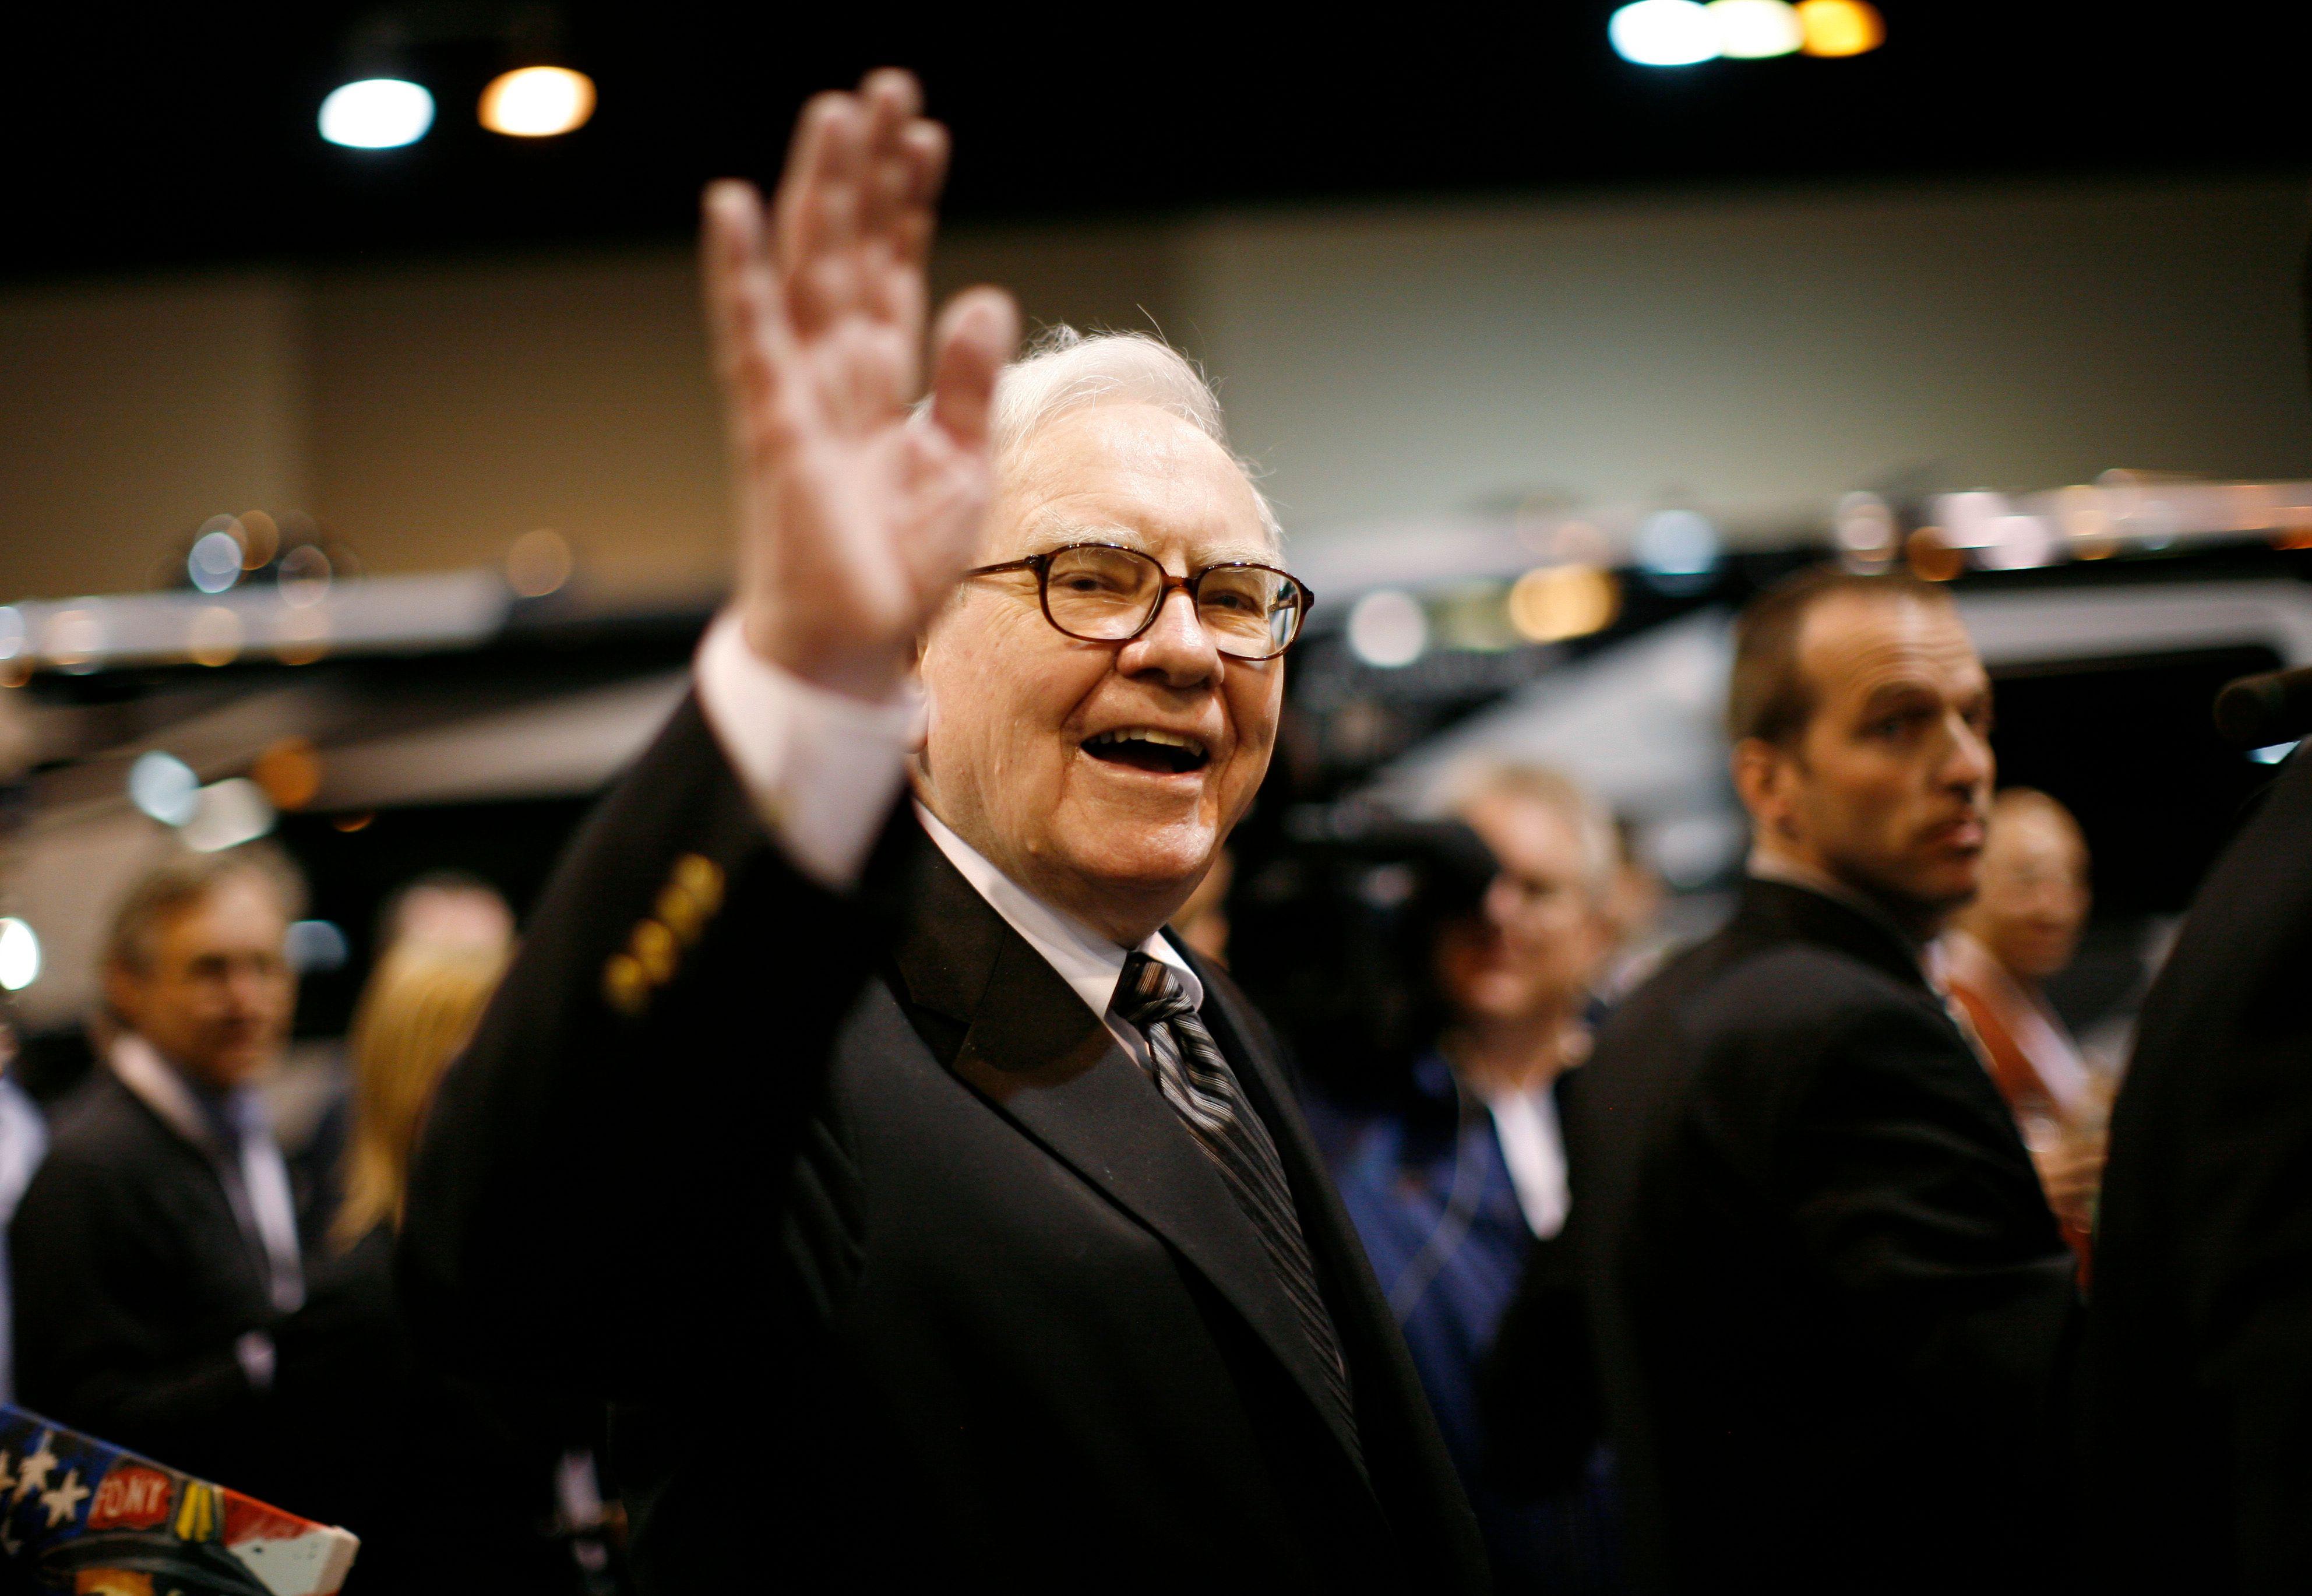 Warren Buffet assure que les riches sont en train de gagner la lutte des classes.